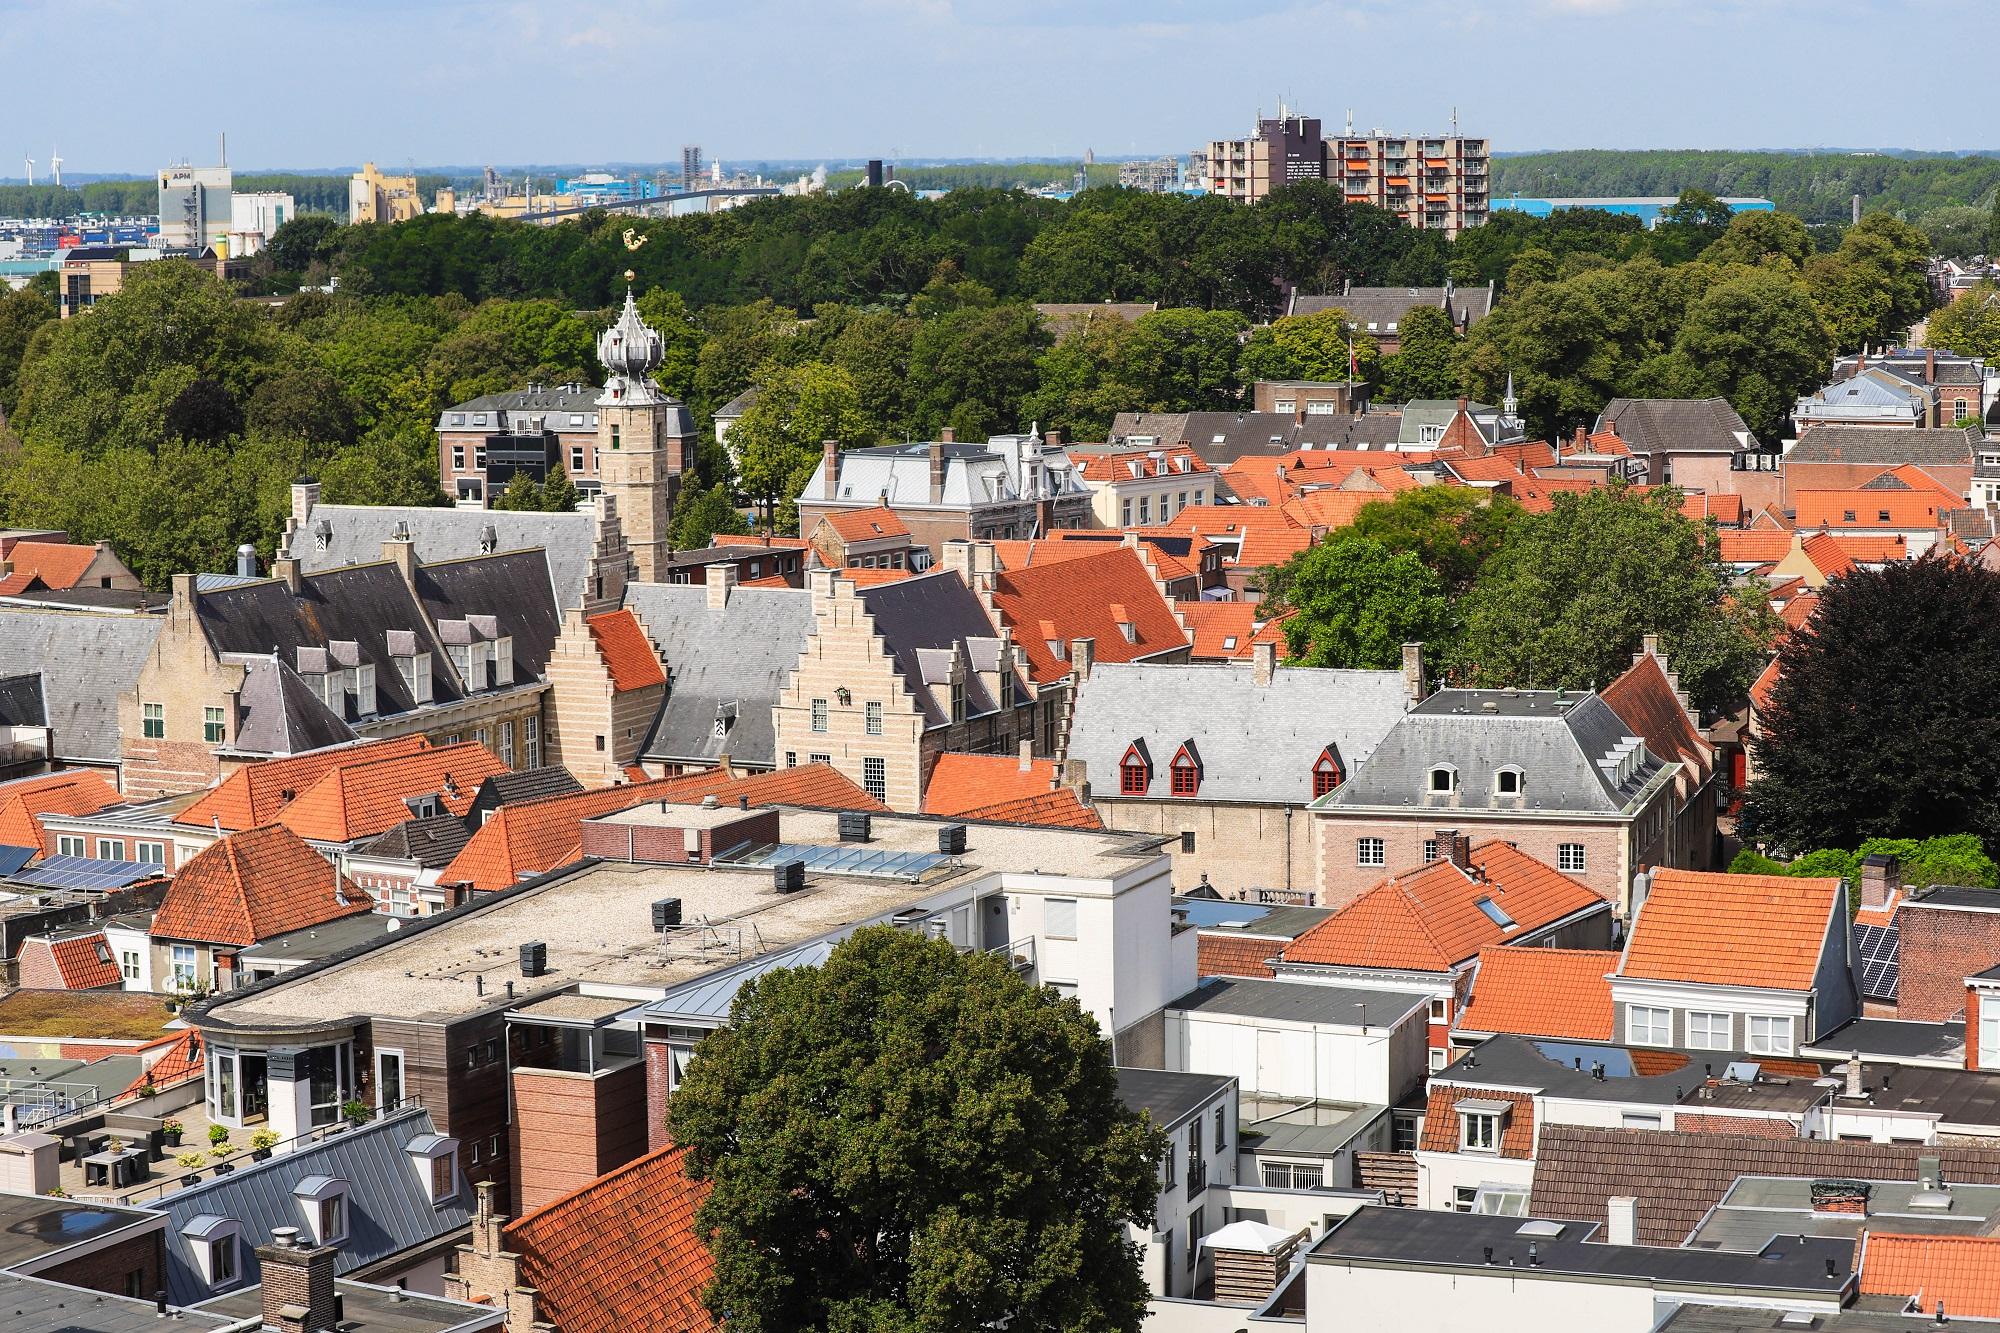 huizenprijzen bergen op zoom uitzicht peperbus markiezenhof uitzicht vanaf peperbus